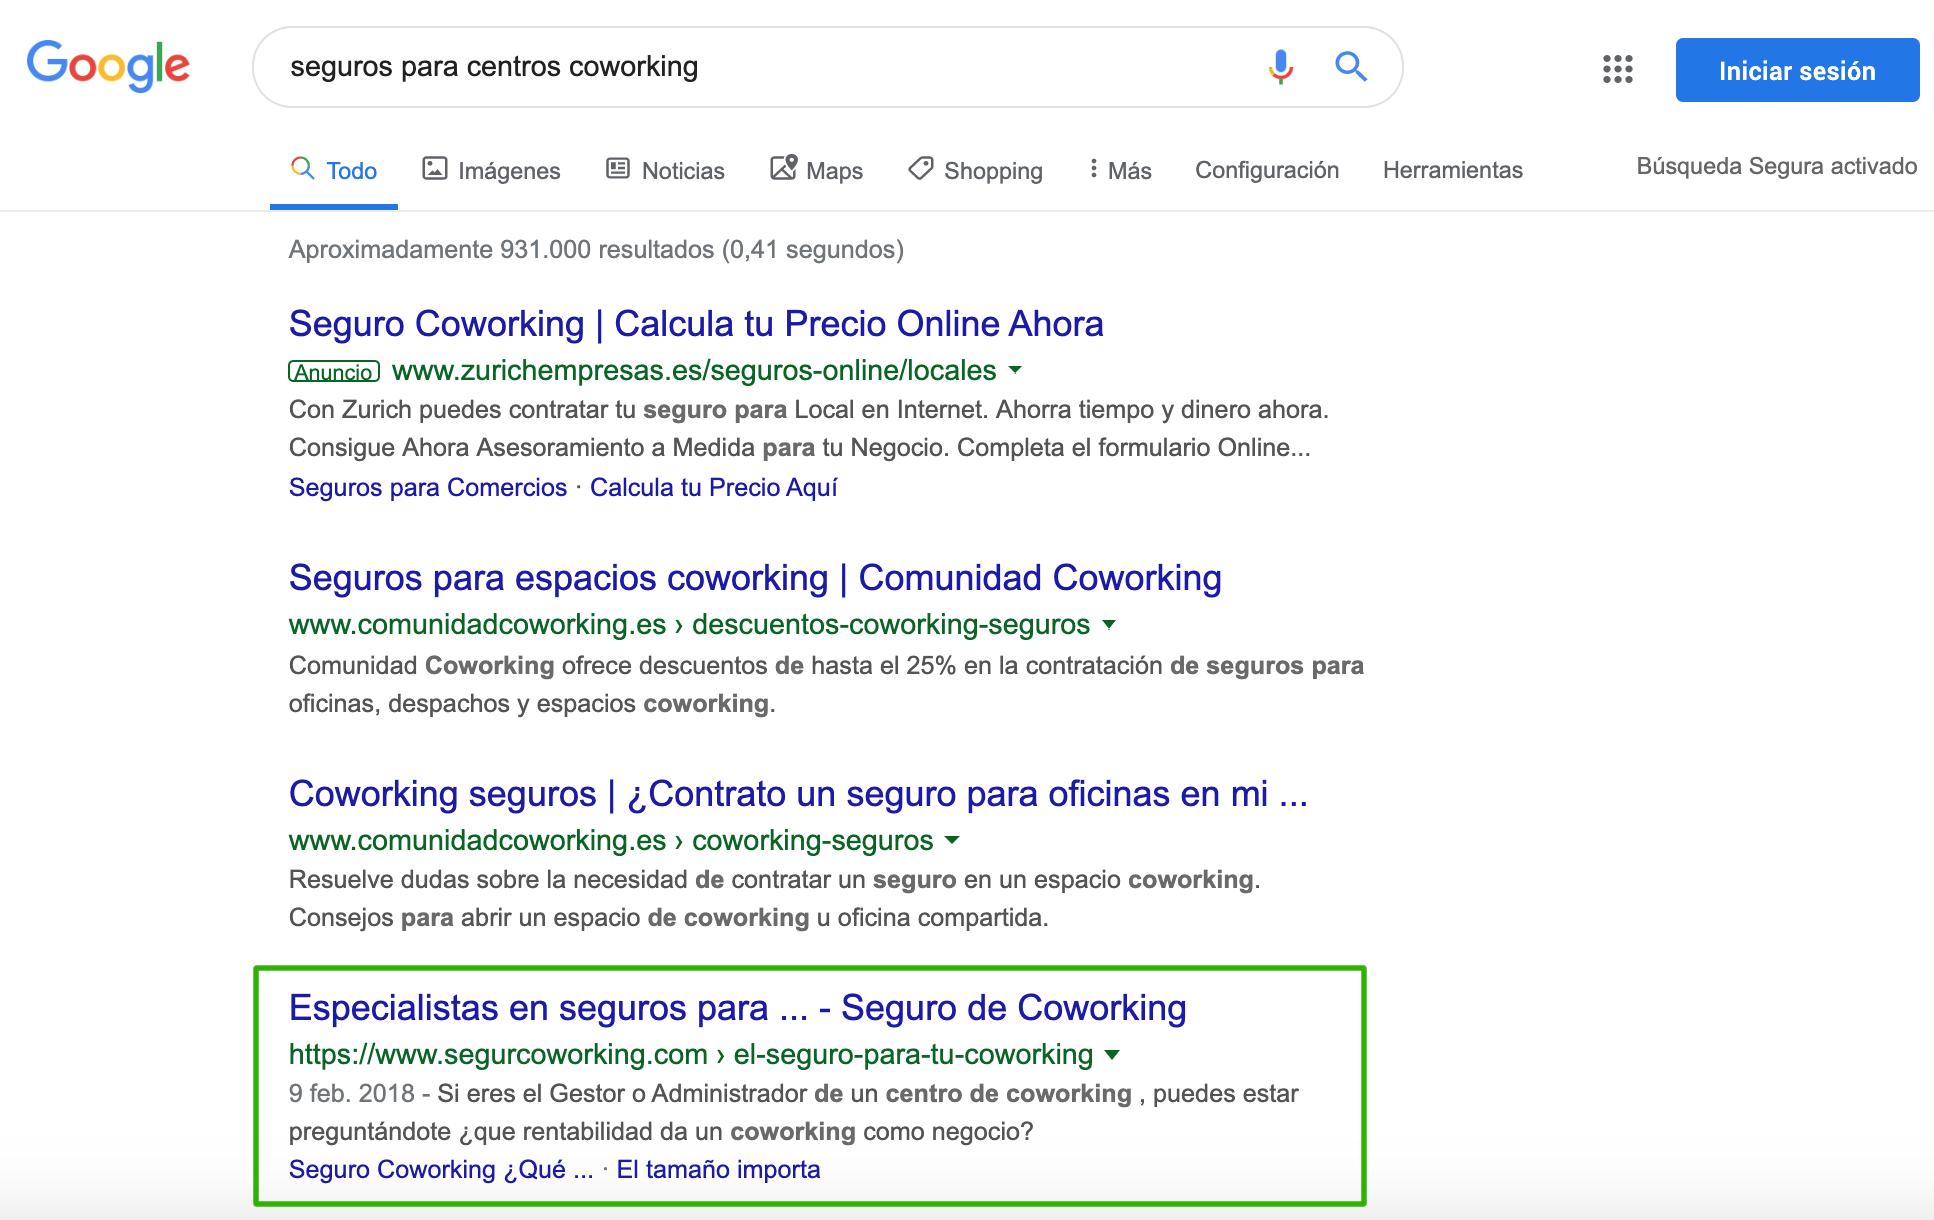 Posicionar en Google keyword seguros